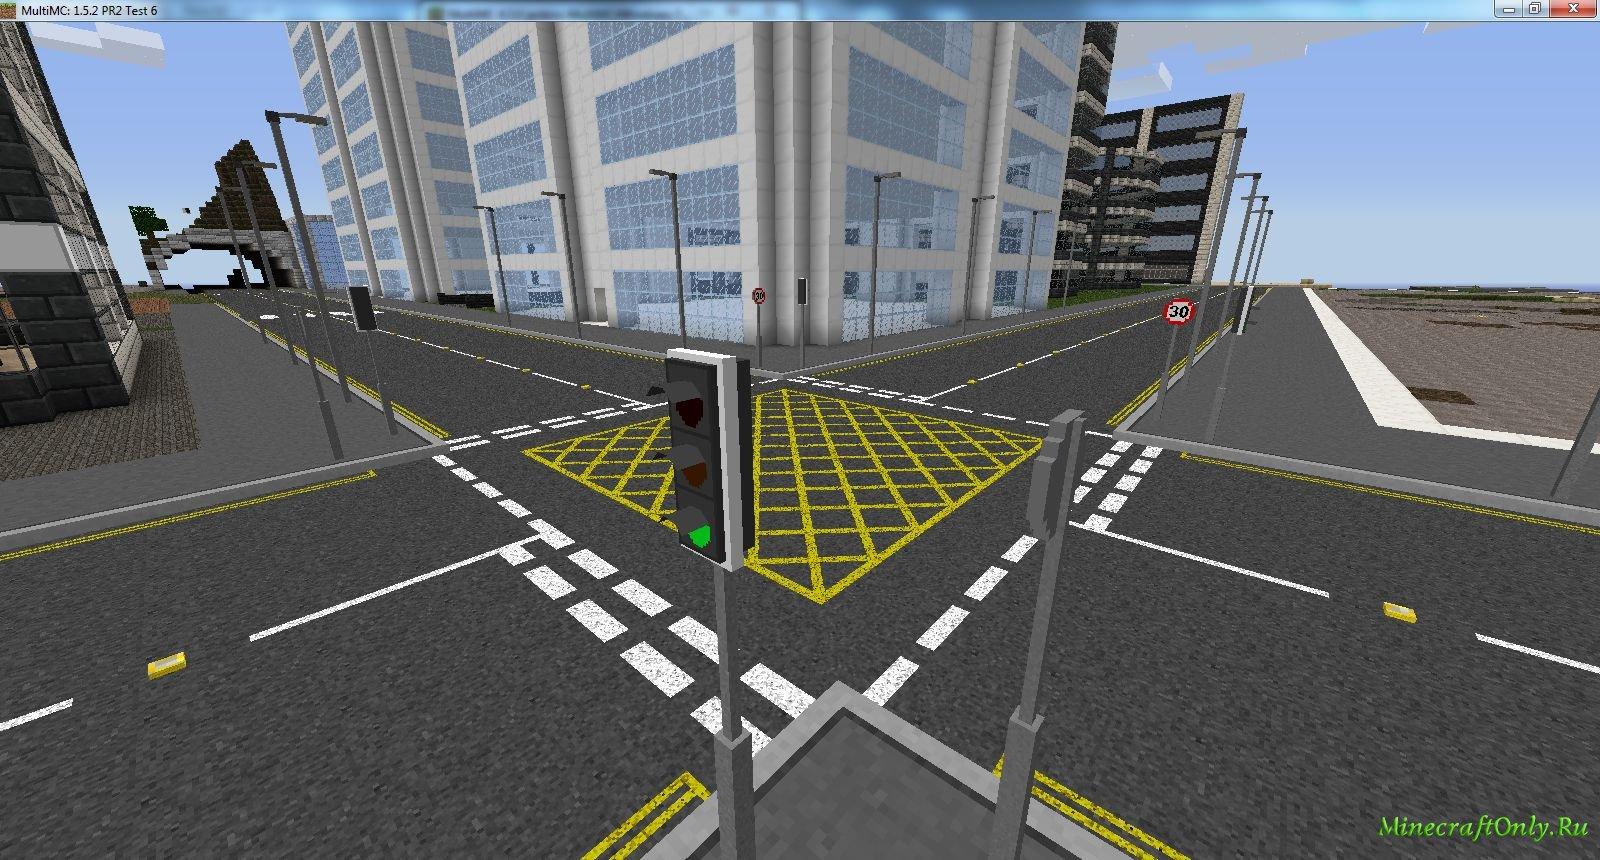 Майнкрафт flans mod vehicle pack 1.6.4